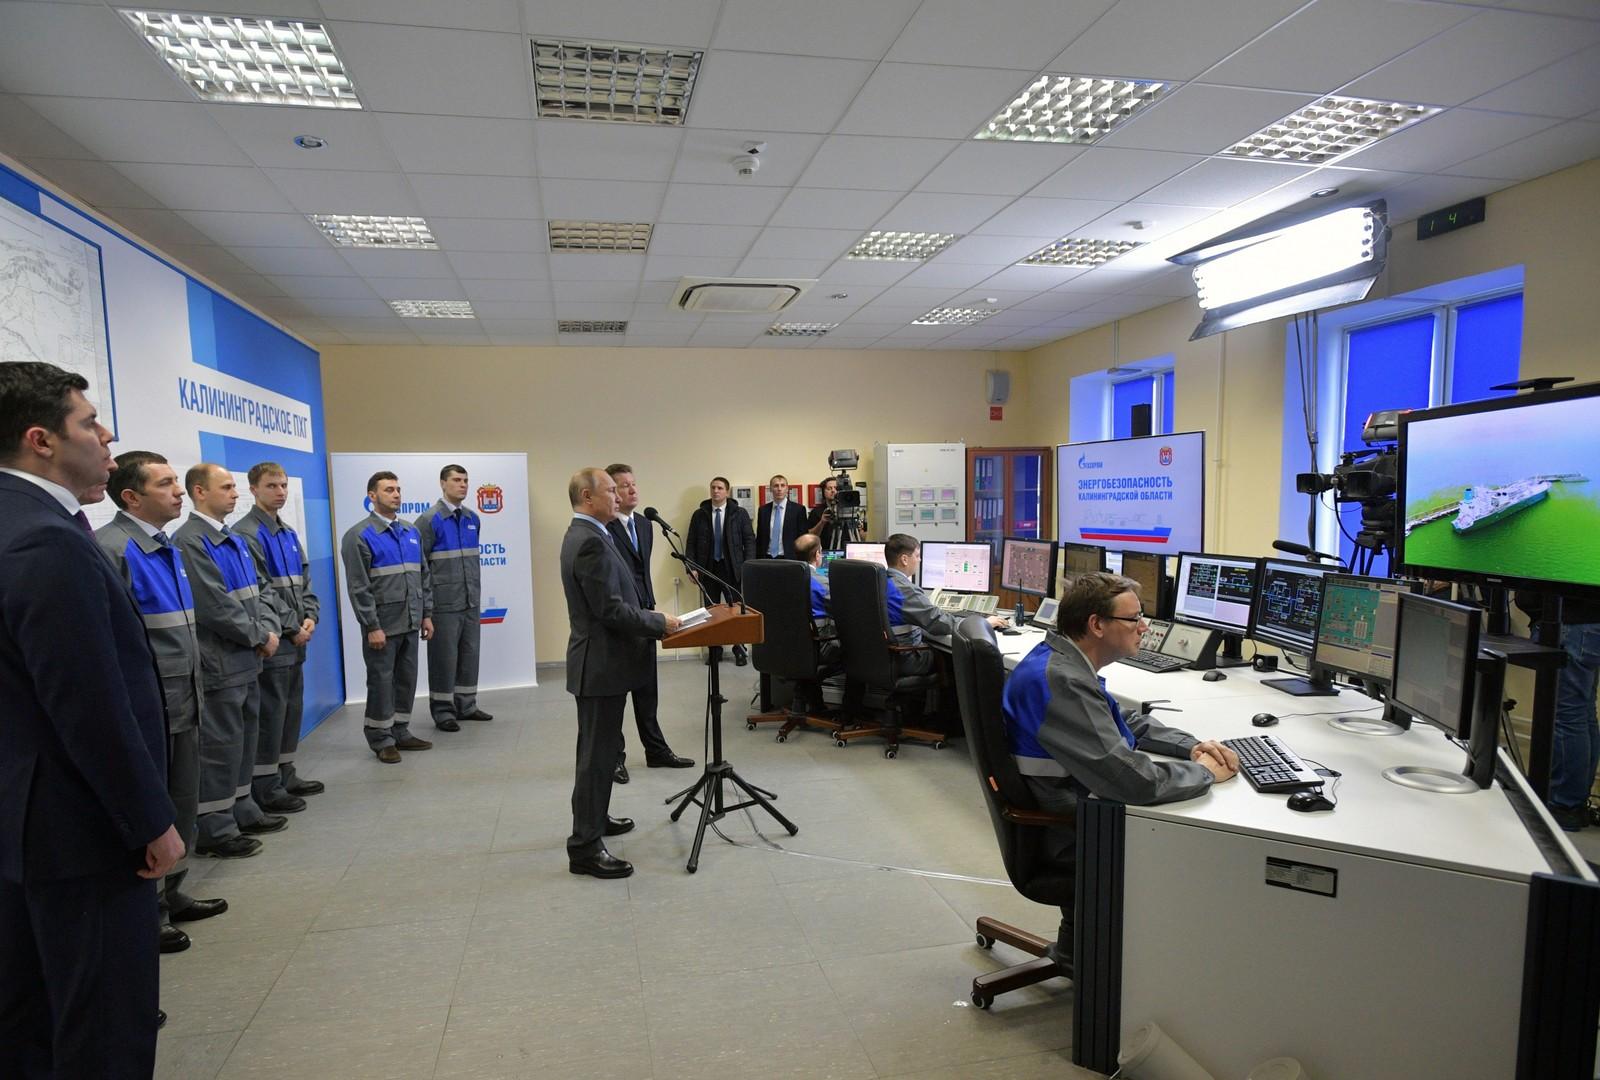 بوتين يعلن استقلال مقاطعة كالينيغراد عن دول الجوار في مجال الطاقة